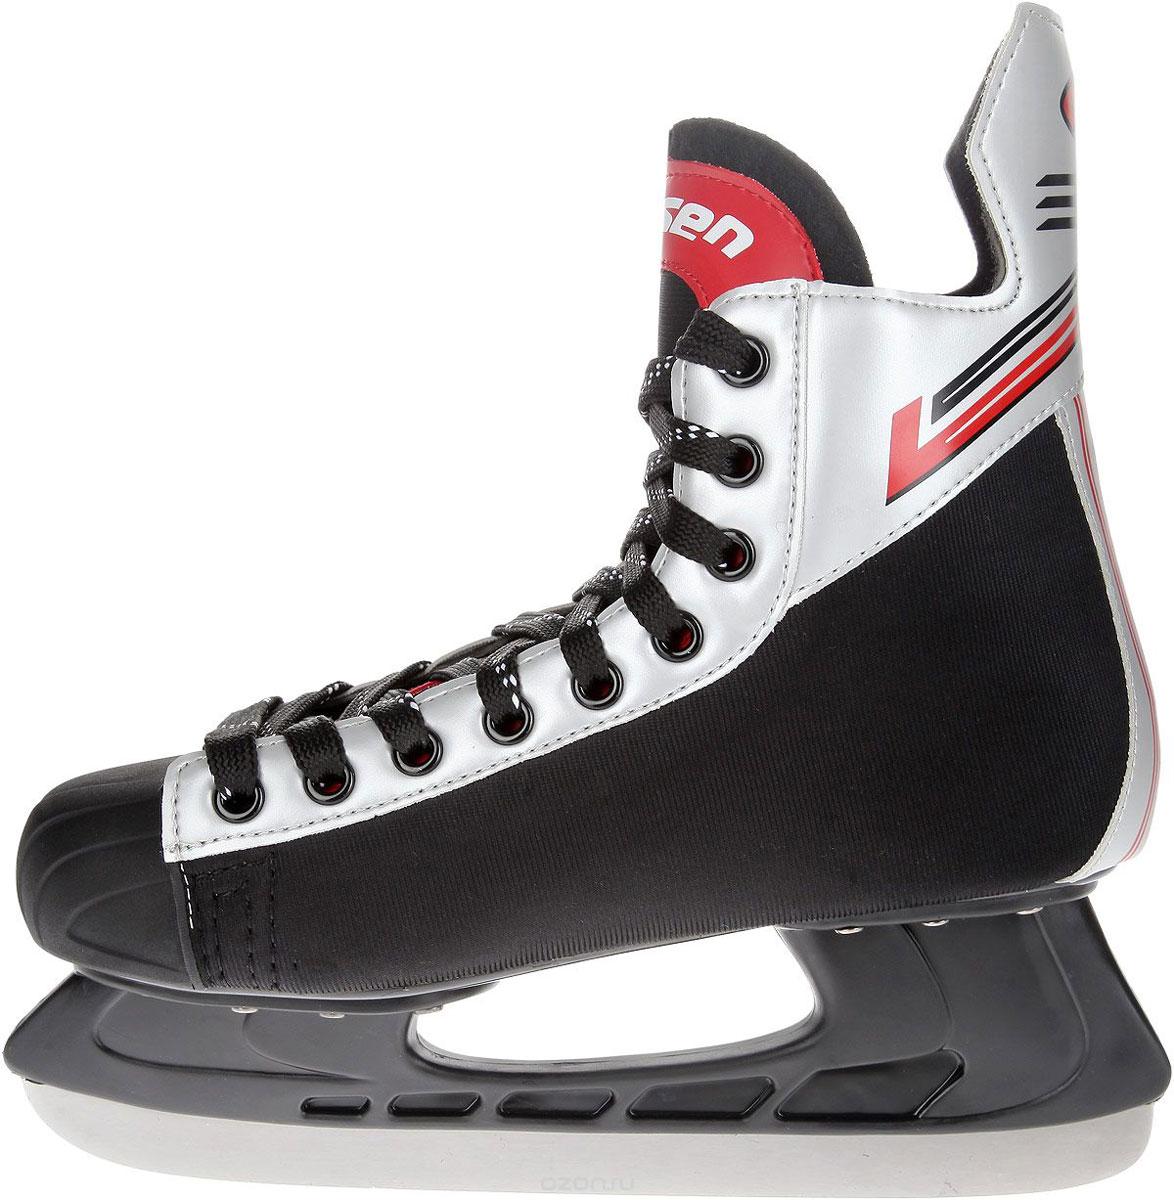 Коньки хоккейные мужские Larsen Alex, цвет: черный, серебристый, красный. Размер 35